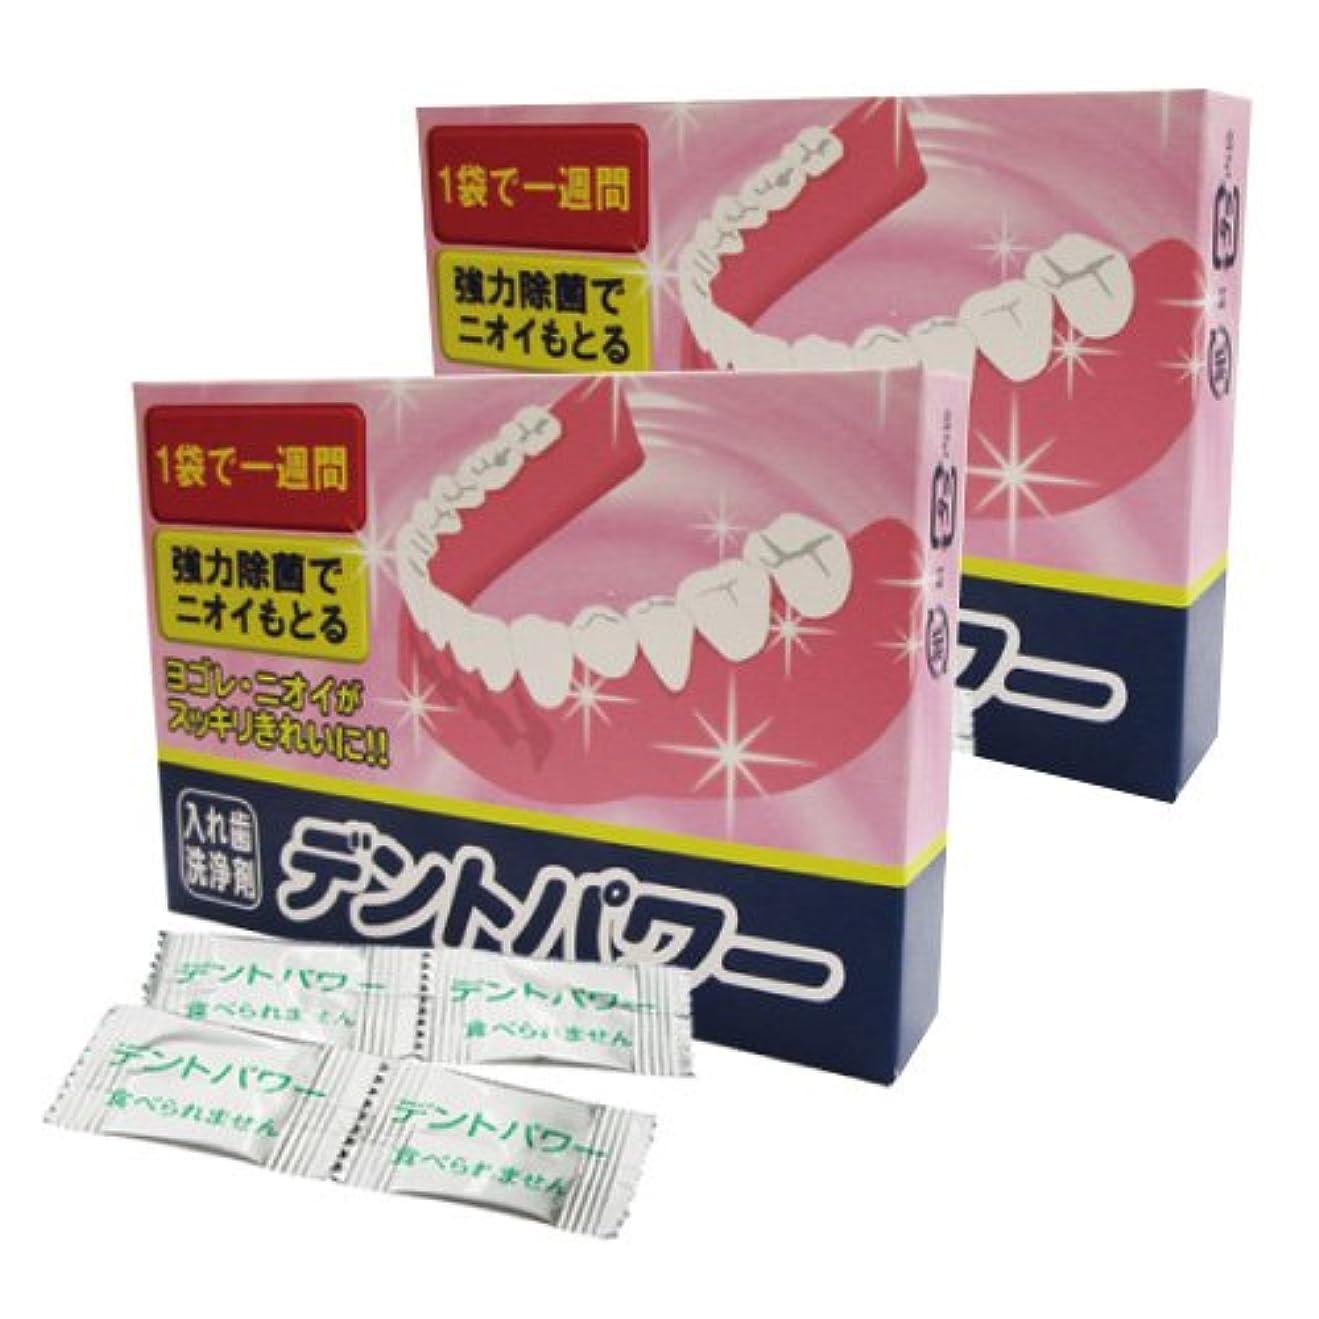 リーダーシップコミットメント徹底的にデントパワー 入れ歯洗浄剤 5ヵ月用x2個セット